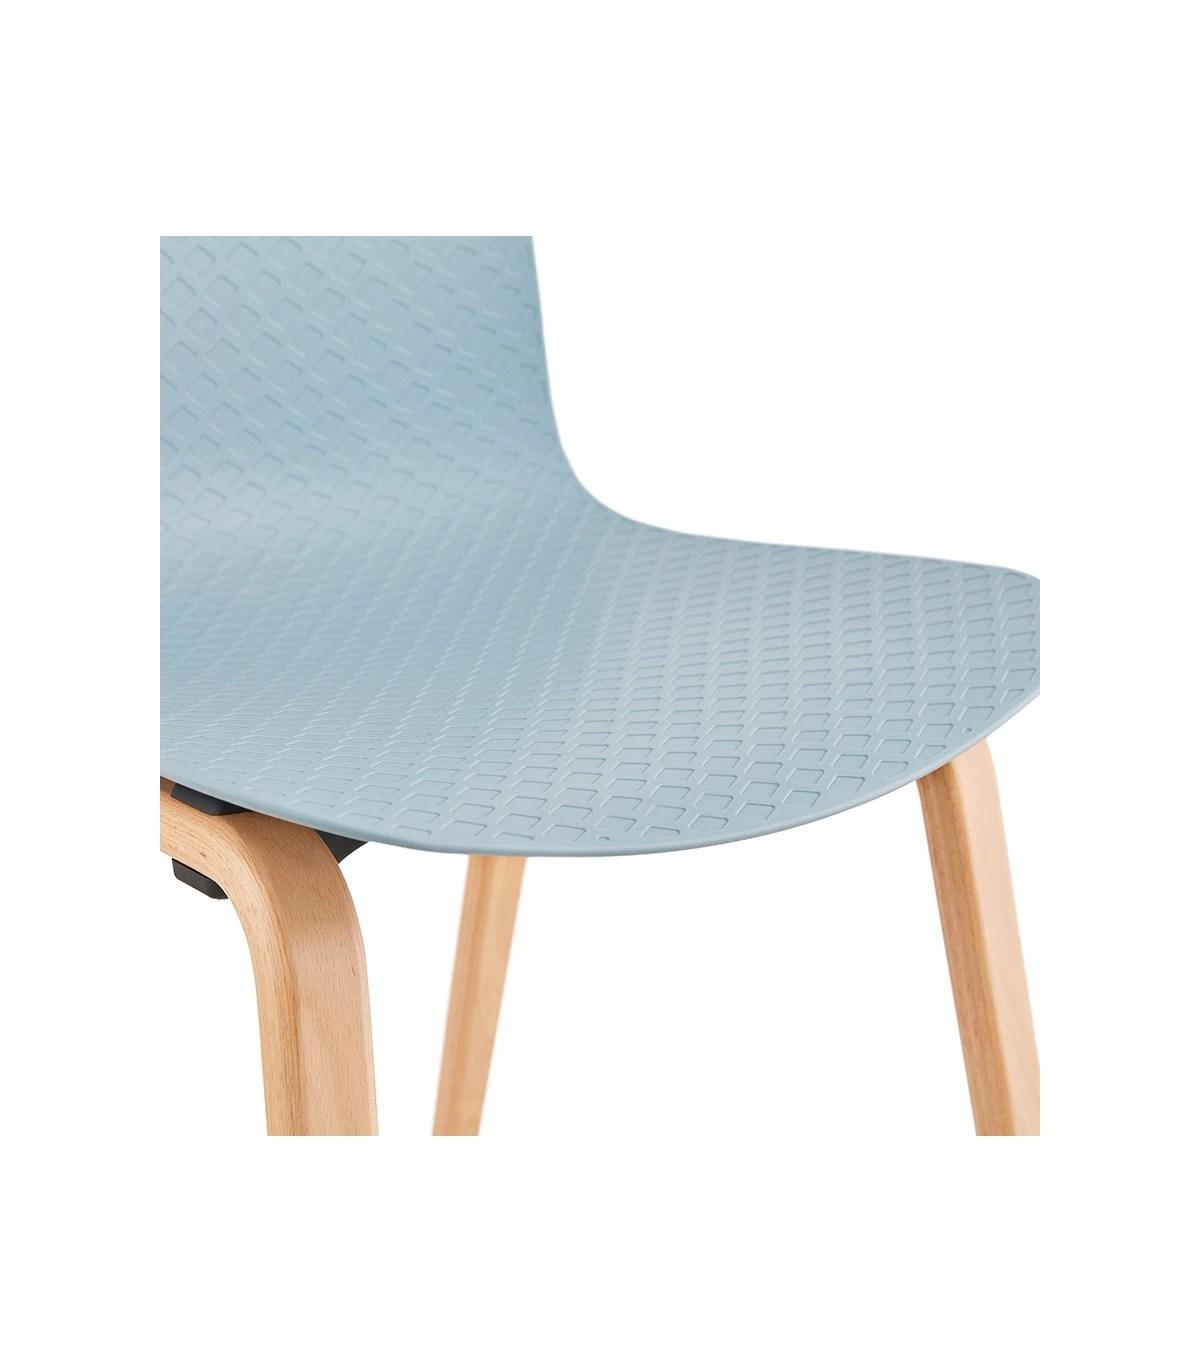 chaise design bleu en plastique et bois